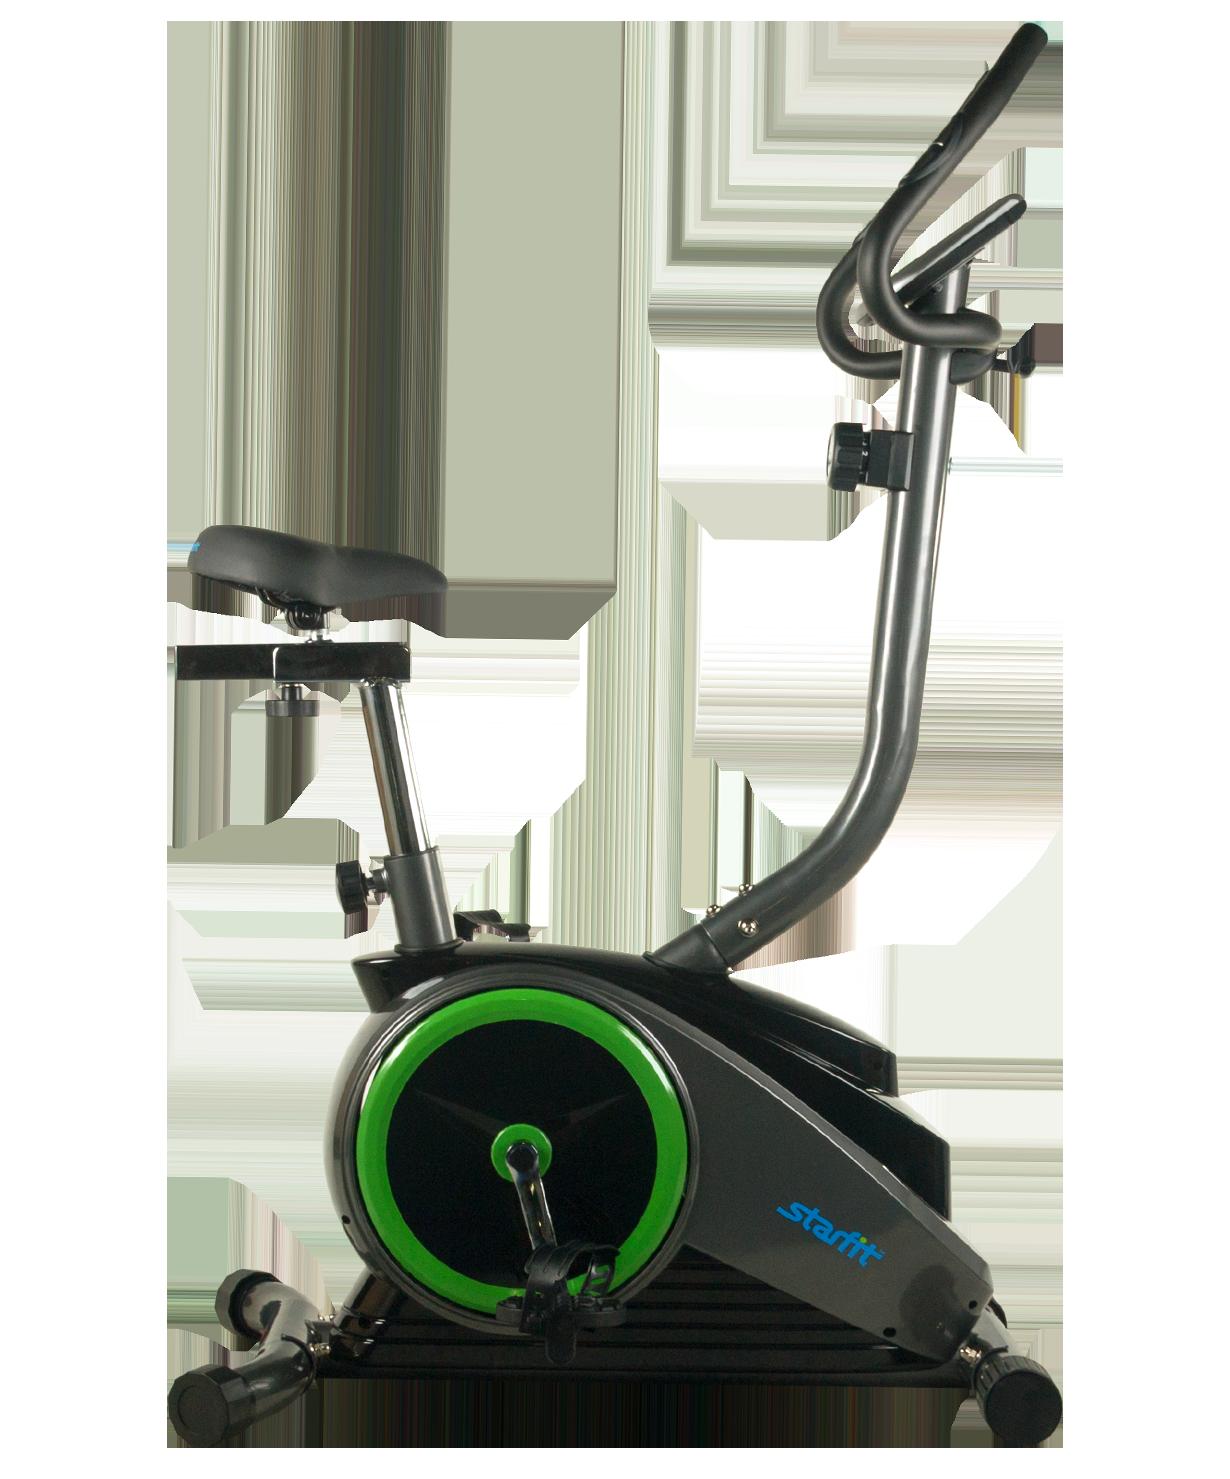 atemi велотренажер инструкция